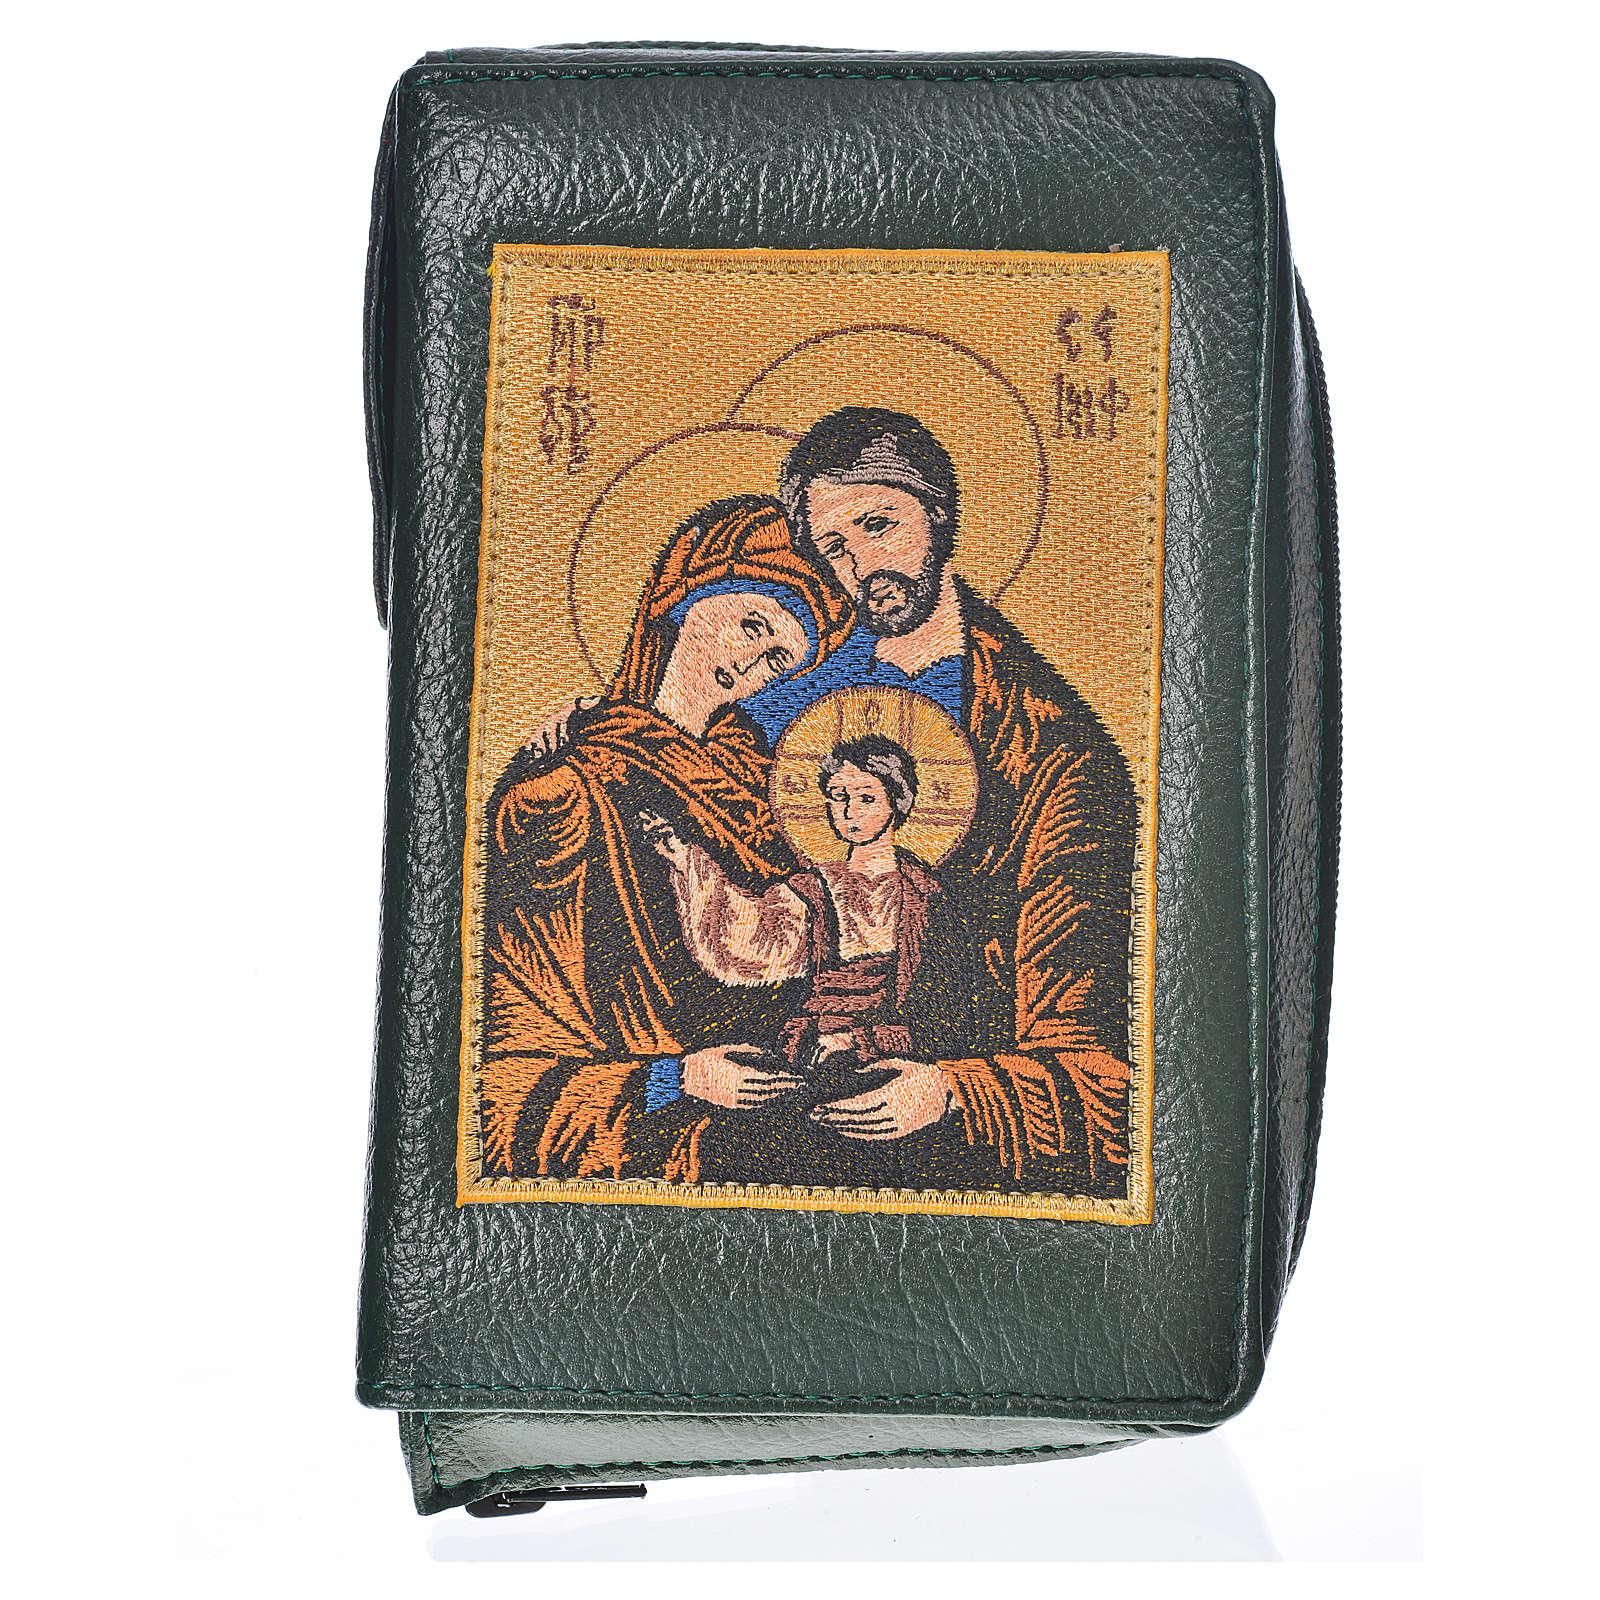 Funda Biblia Jerusalén Nueva Edición verde simil cuero S. Famili 4